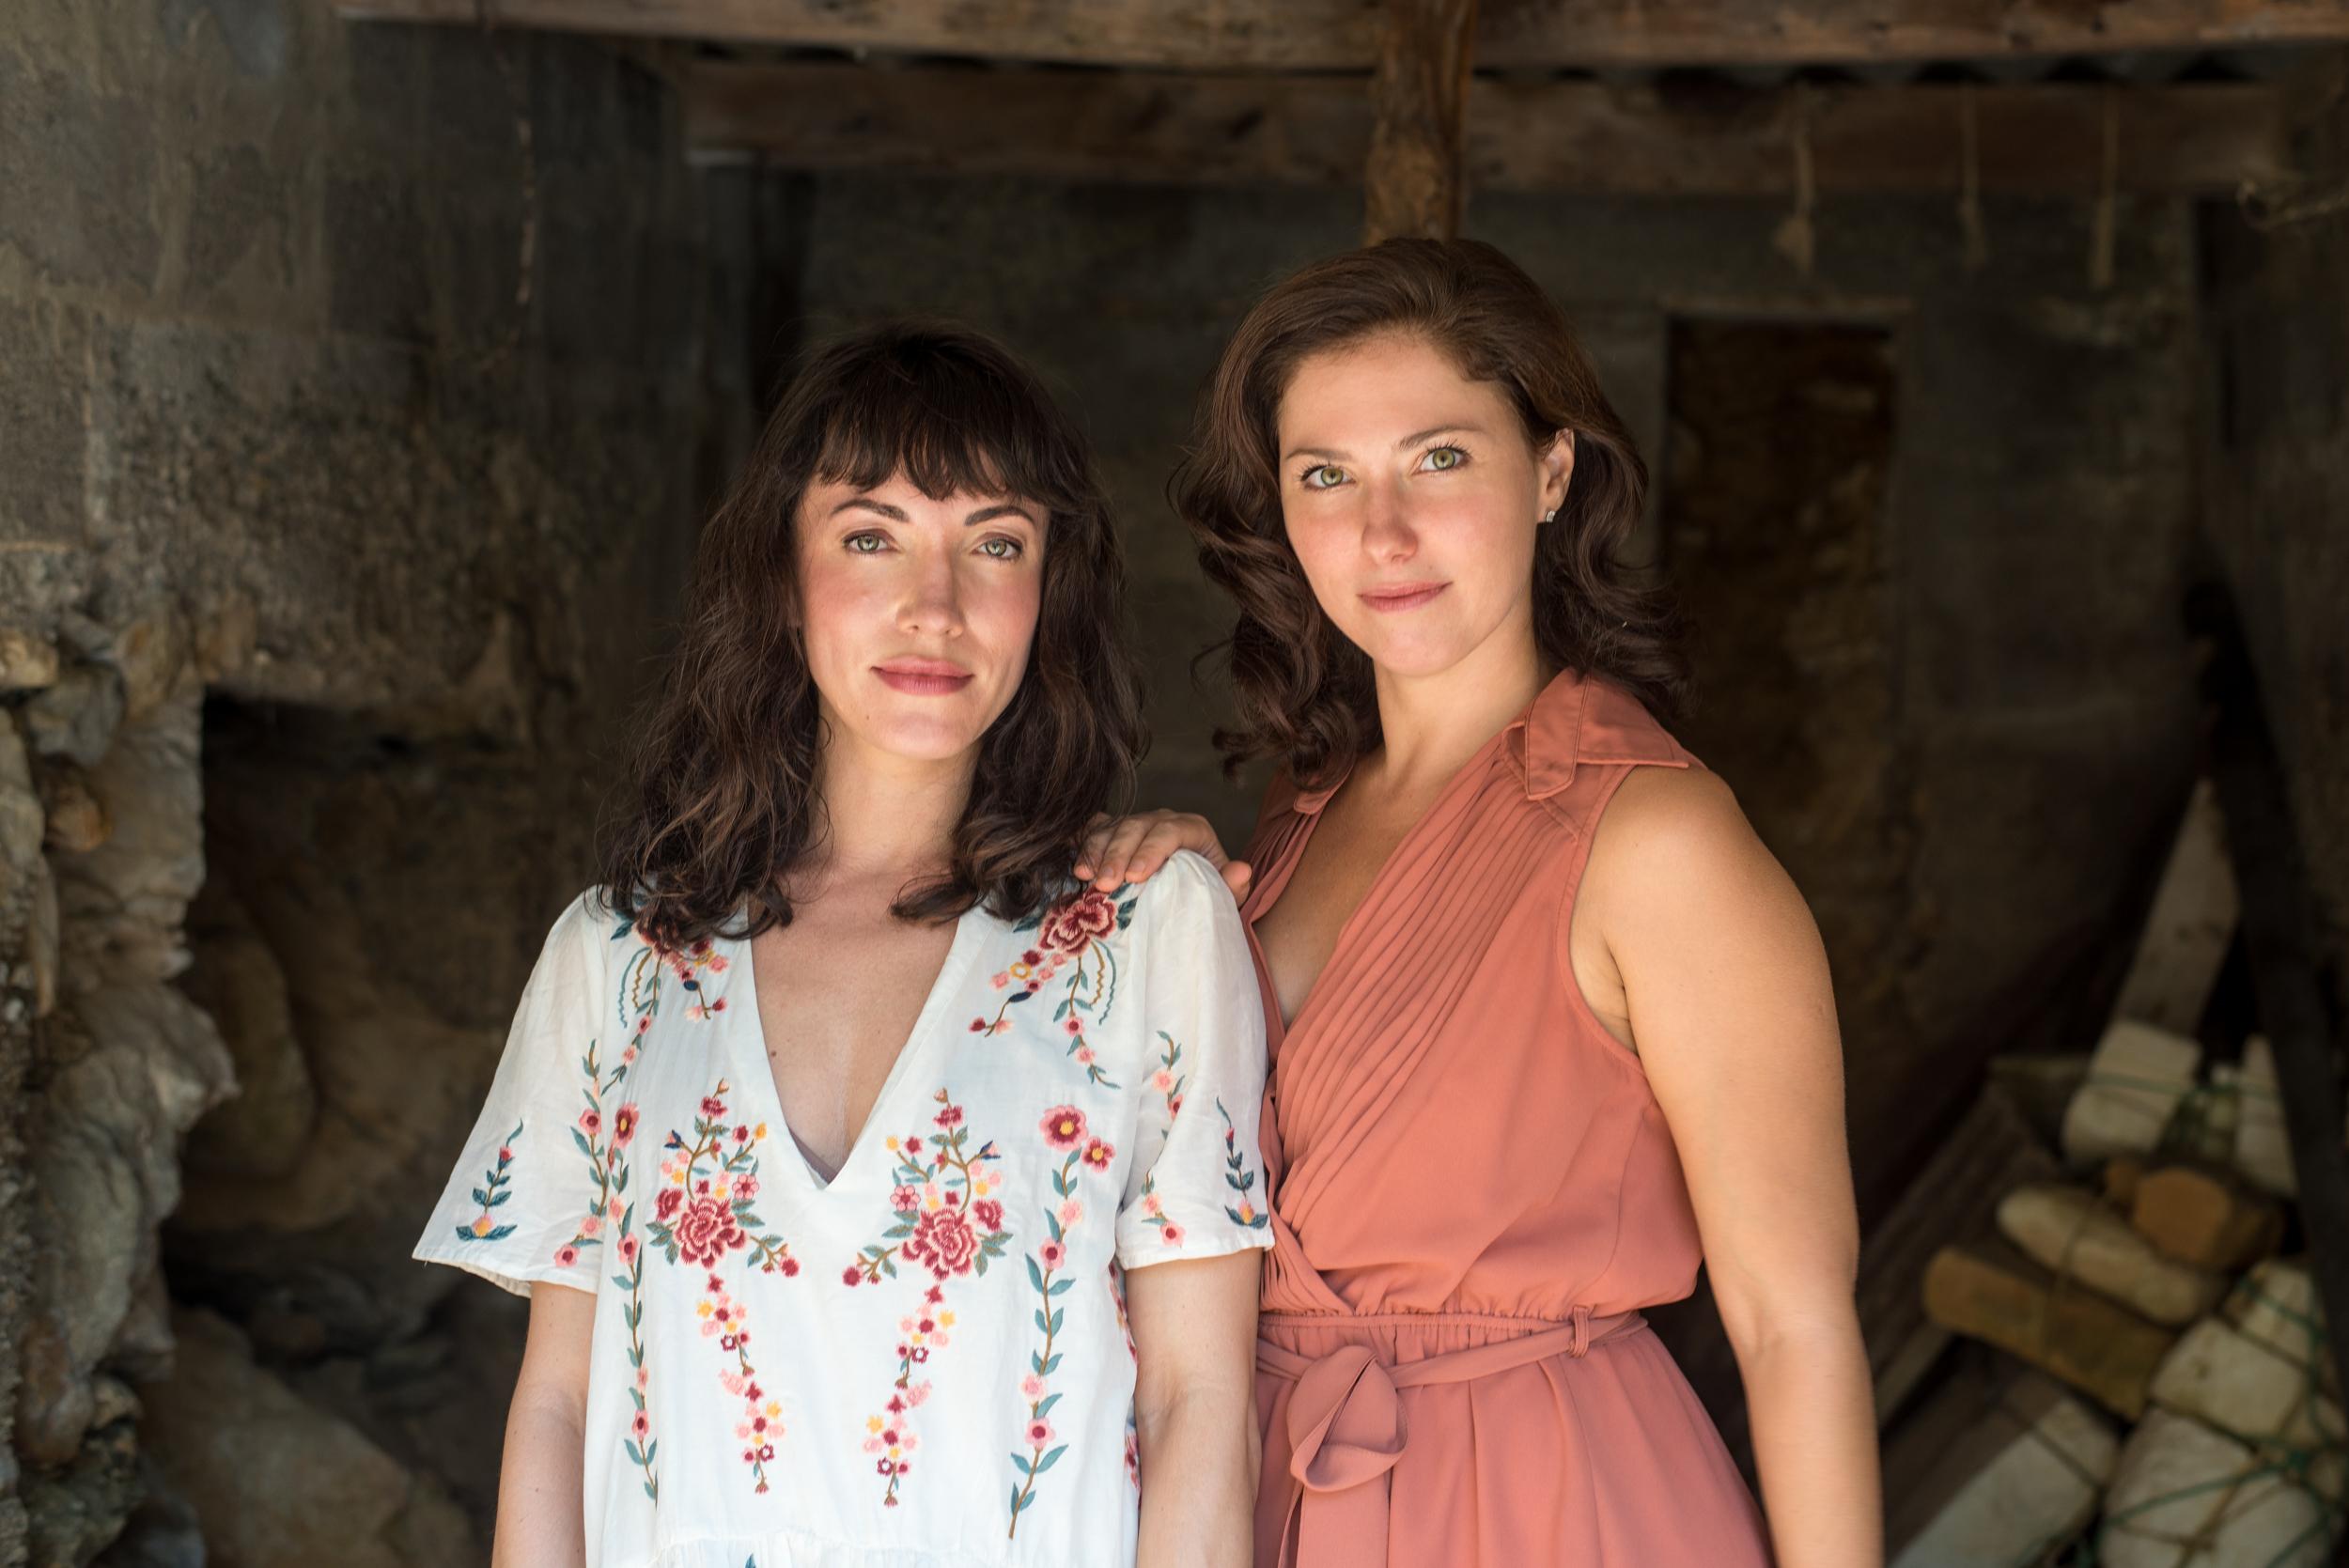 Co-founders Eva Dixon and Tasya Menaker